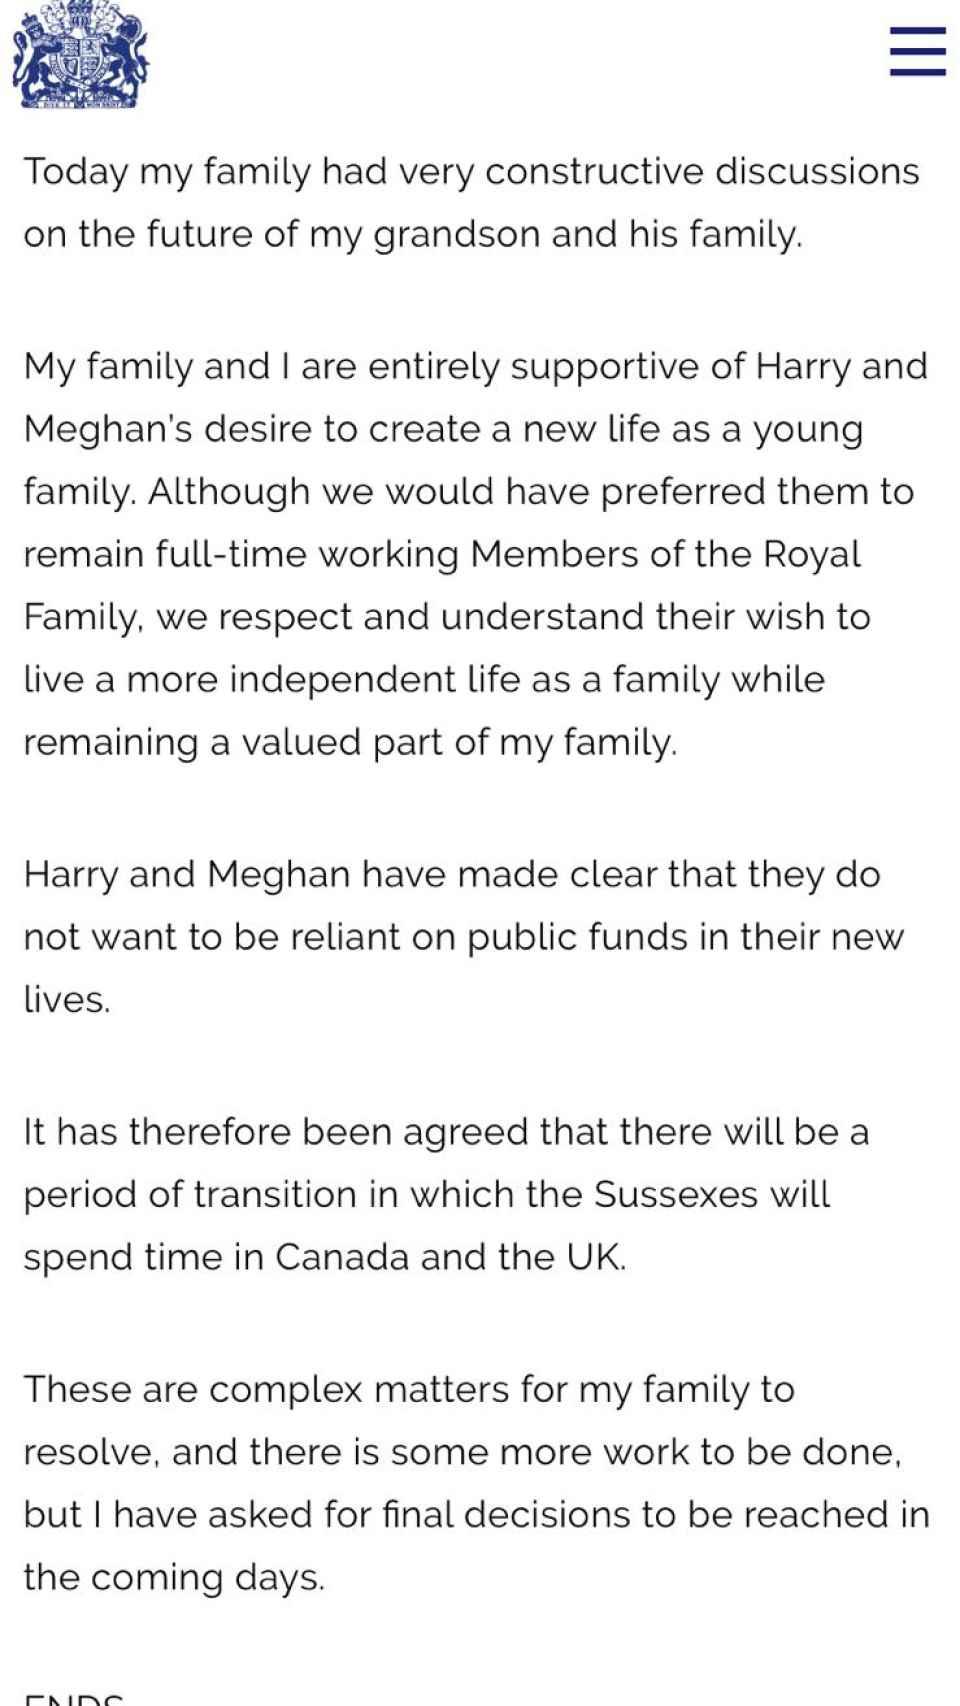 Comunicado de la reina Isabel II de Inglaterra sobre el futuro de Harry y Meghan.